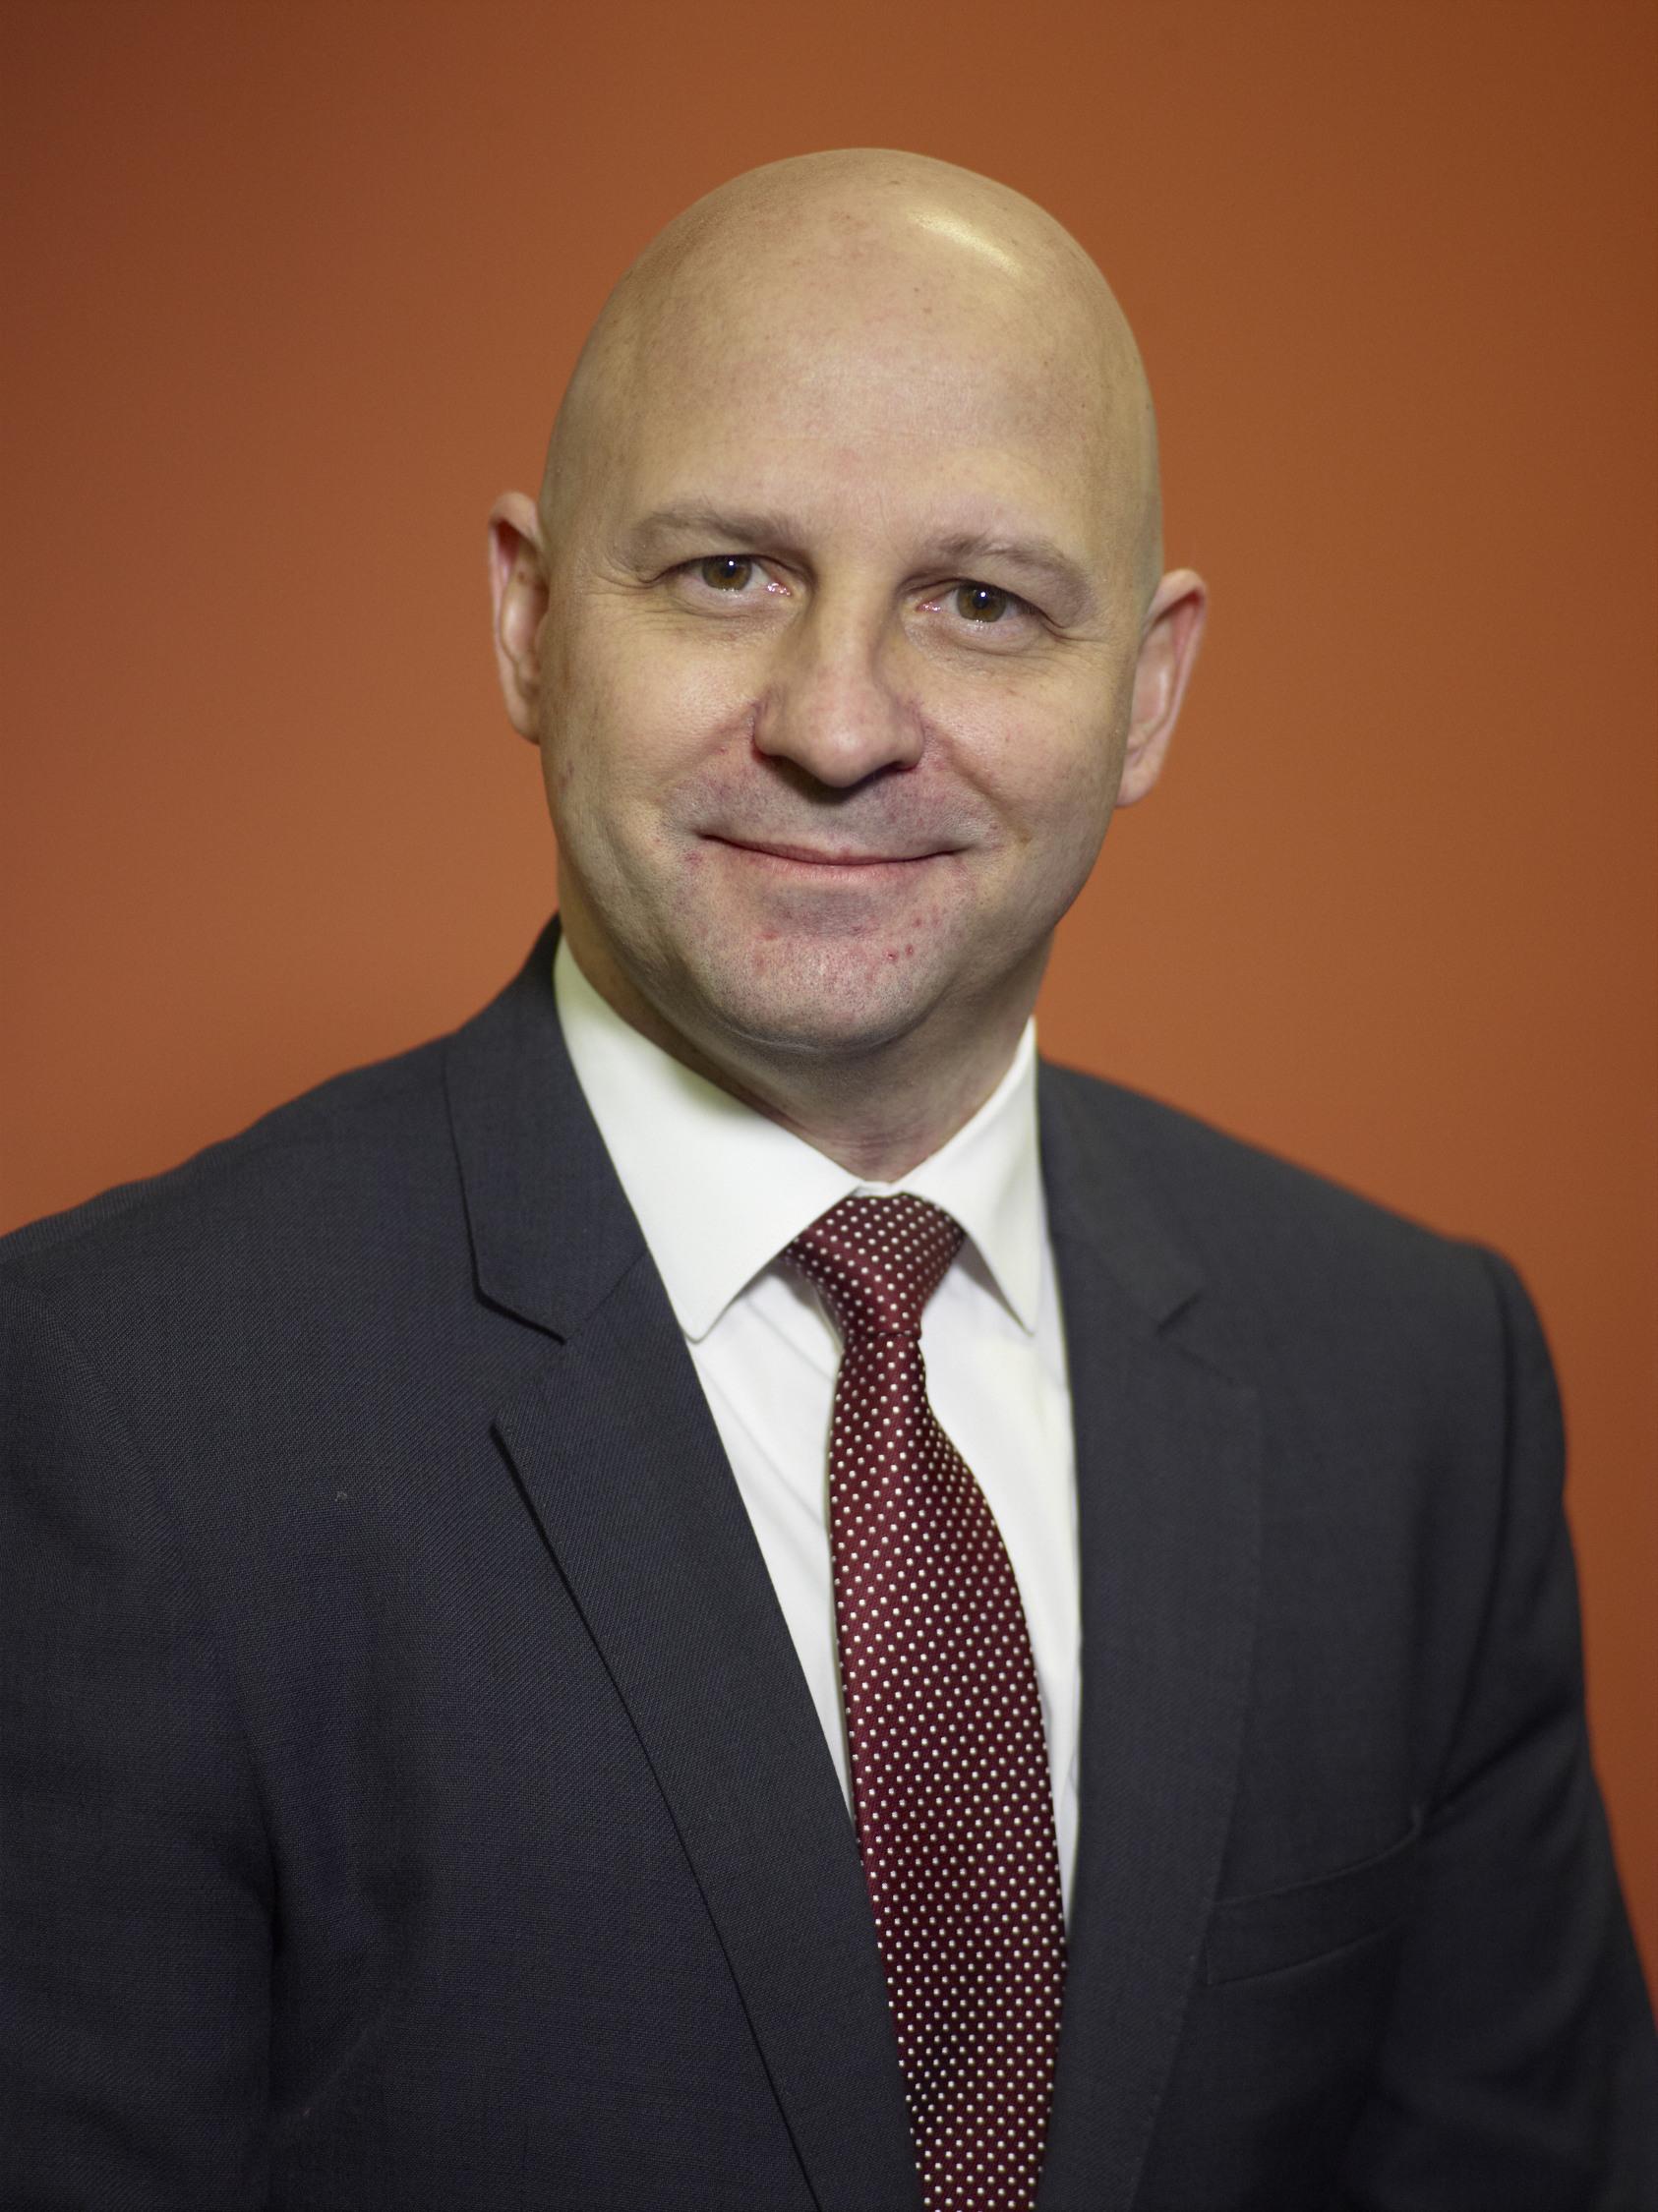 Andrew Dobrotwir